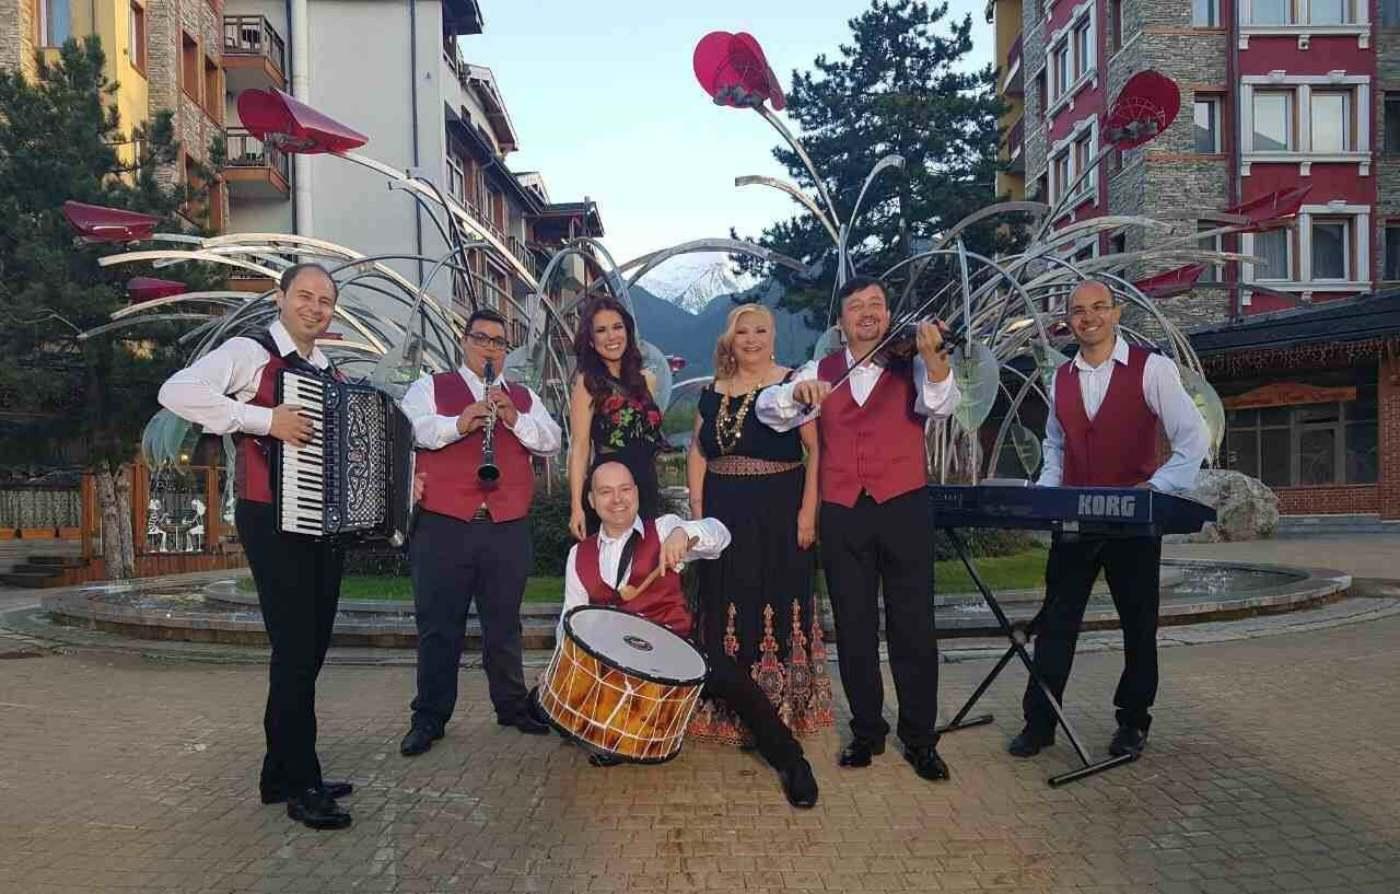 Георги Янев посреща имен ден с нова фолклорна програма